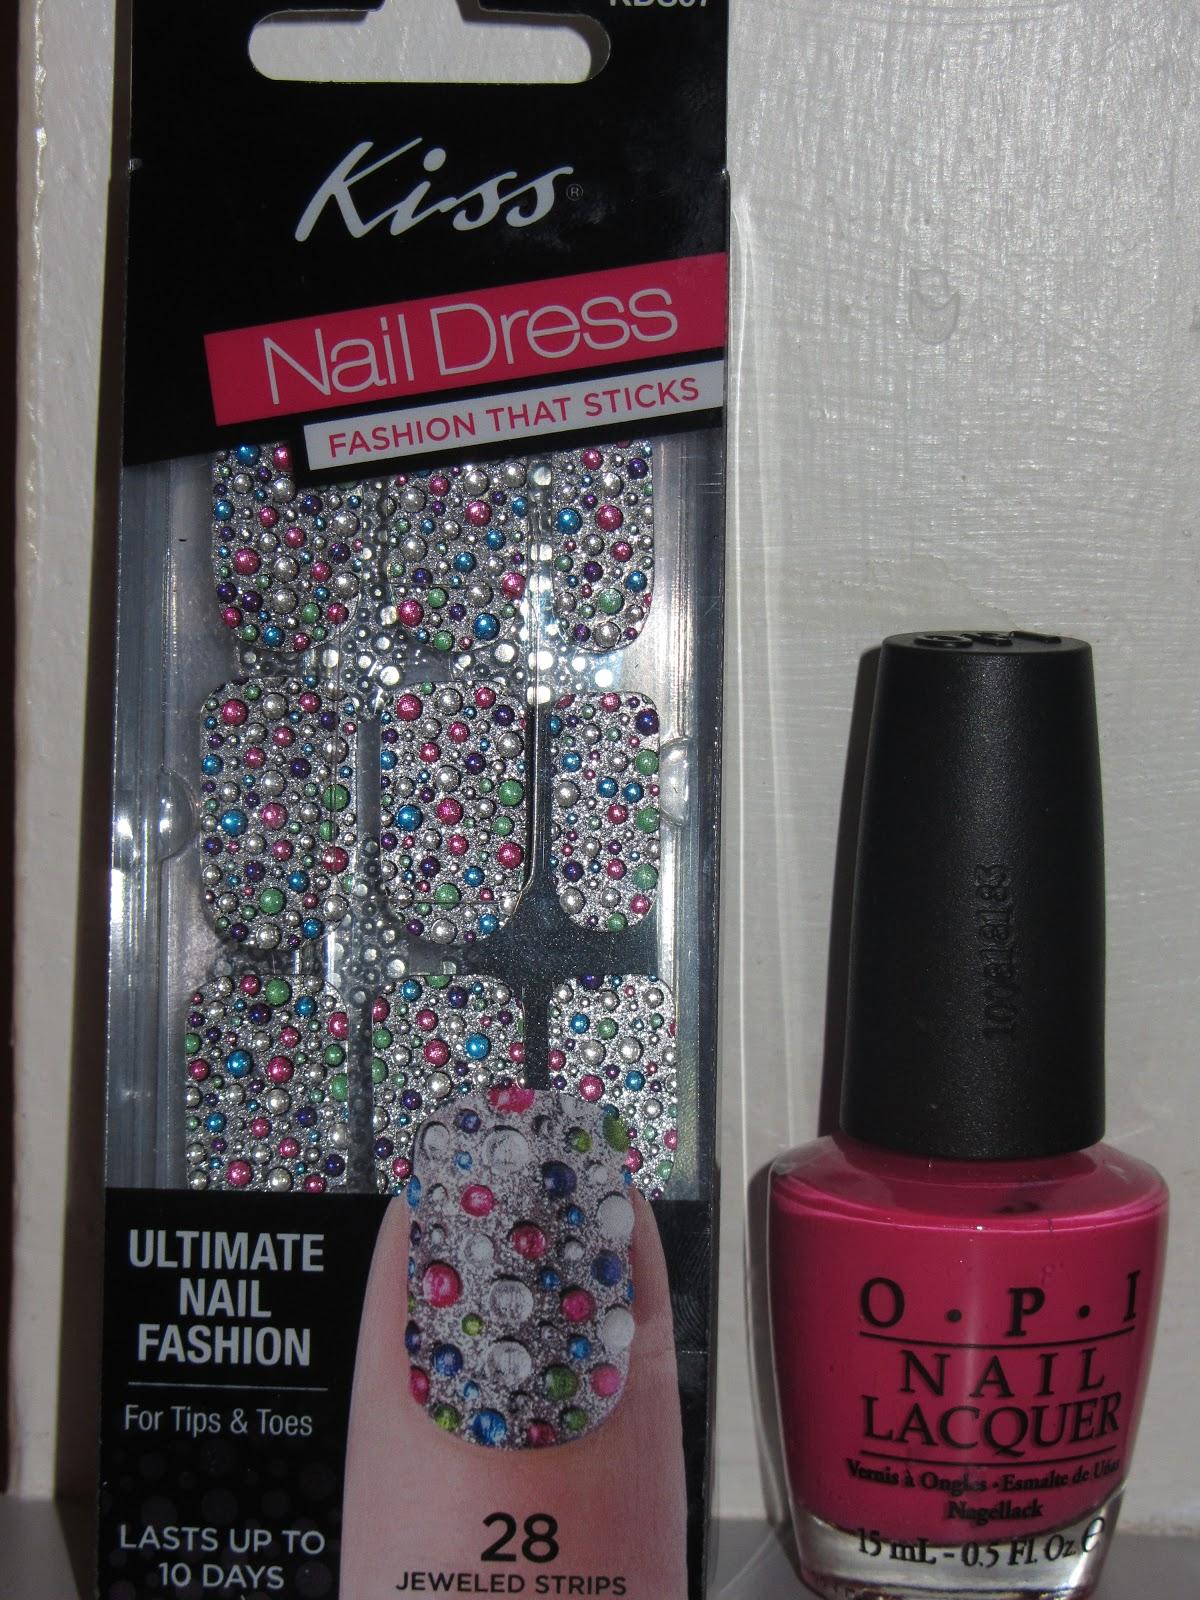 Kikistyles: Nail of the Week - Kiss Nail Dress